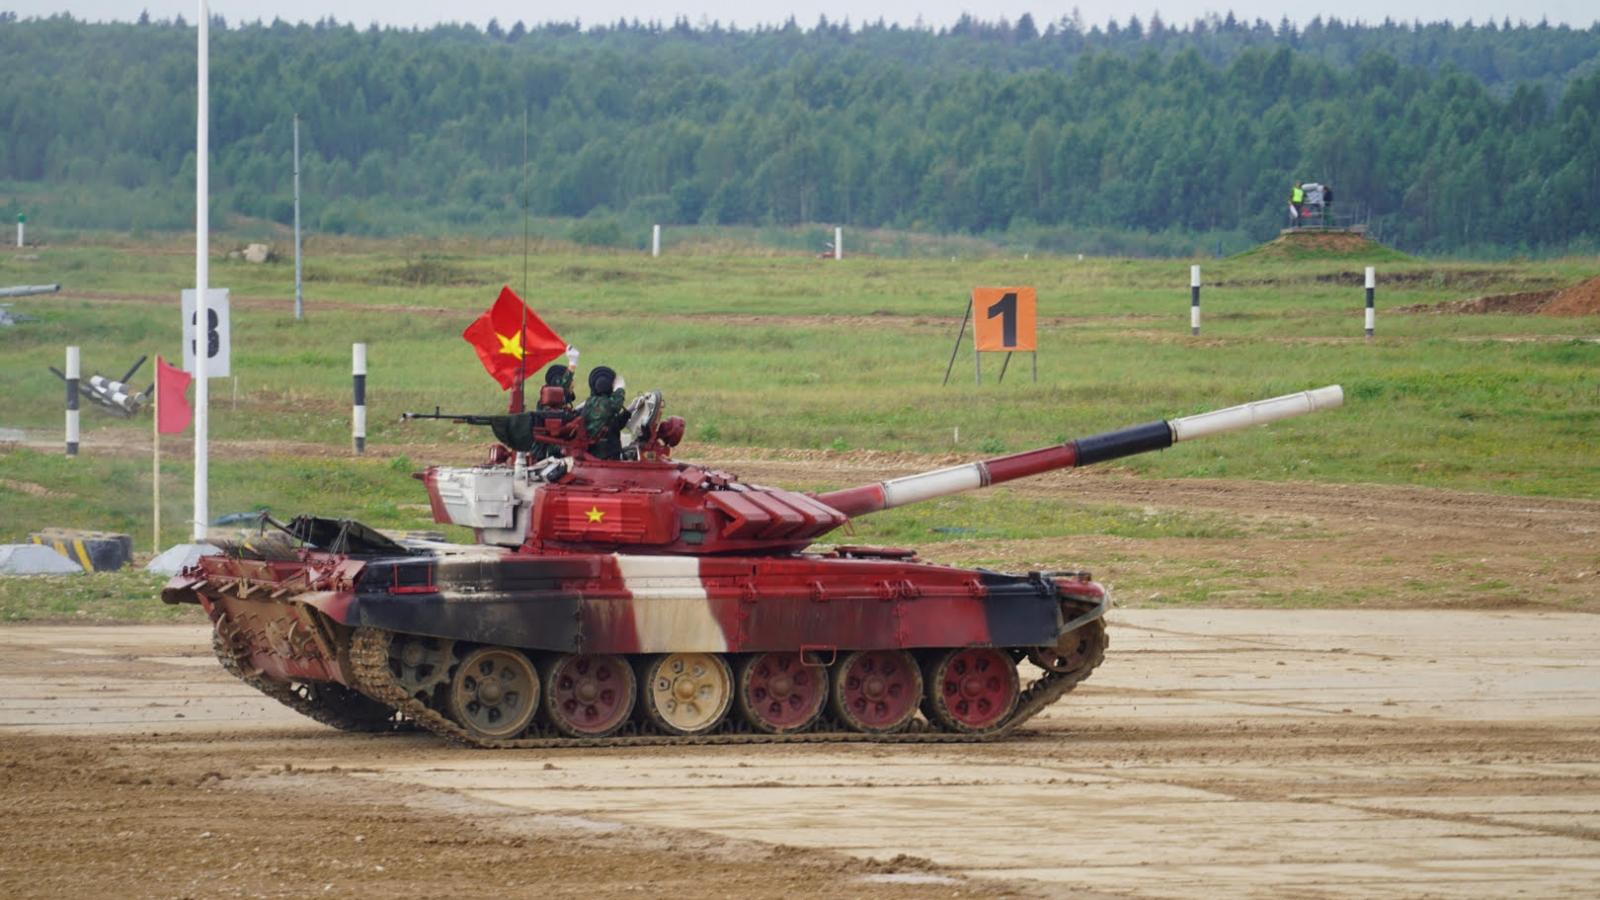 Kíp xe thứ 2 của Đội tuyển xe tăng QĐND Việt Nam xuất trận